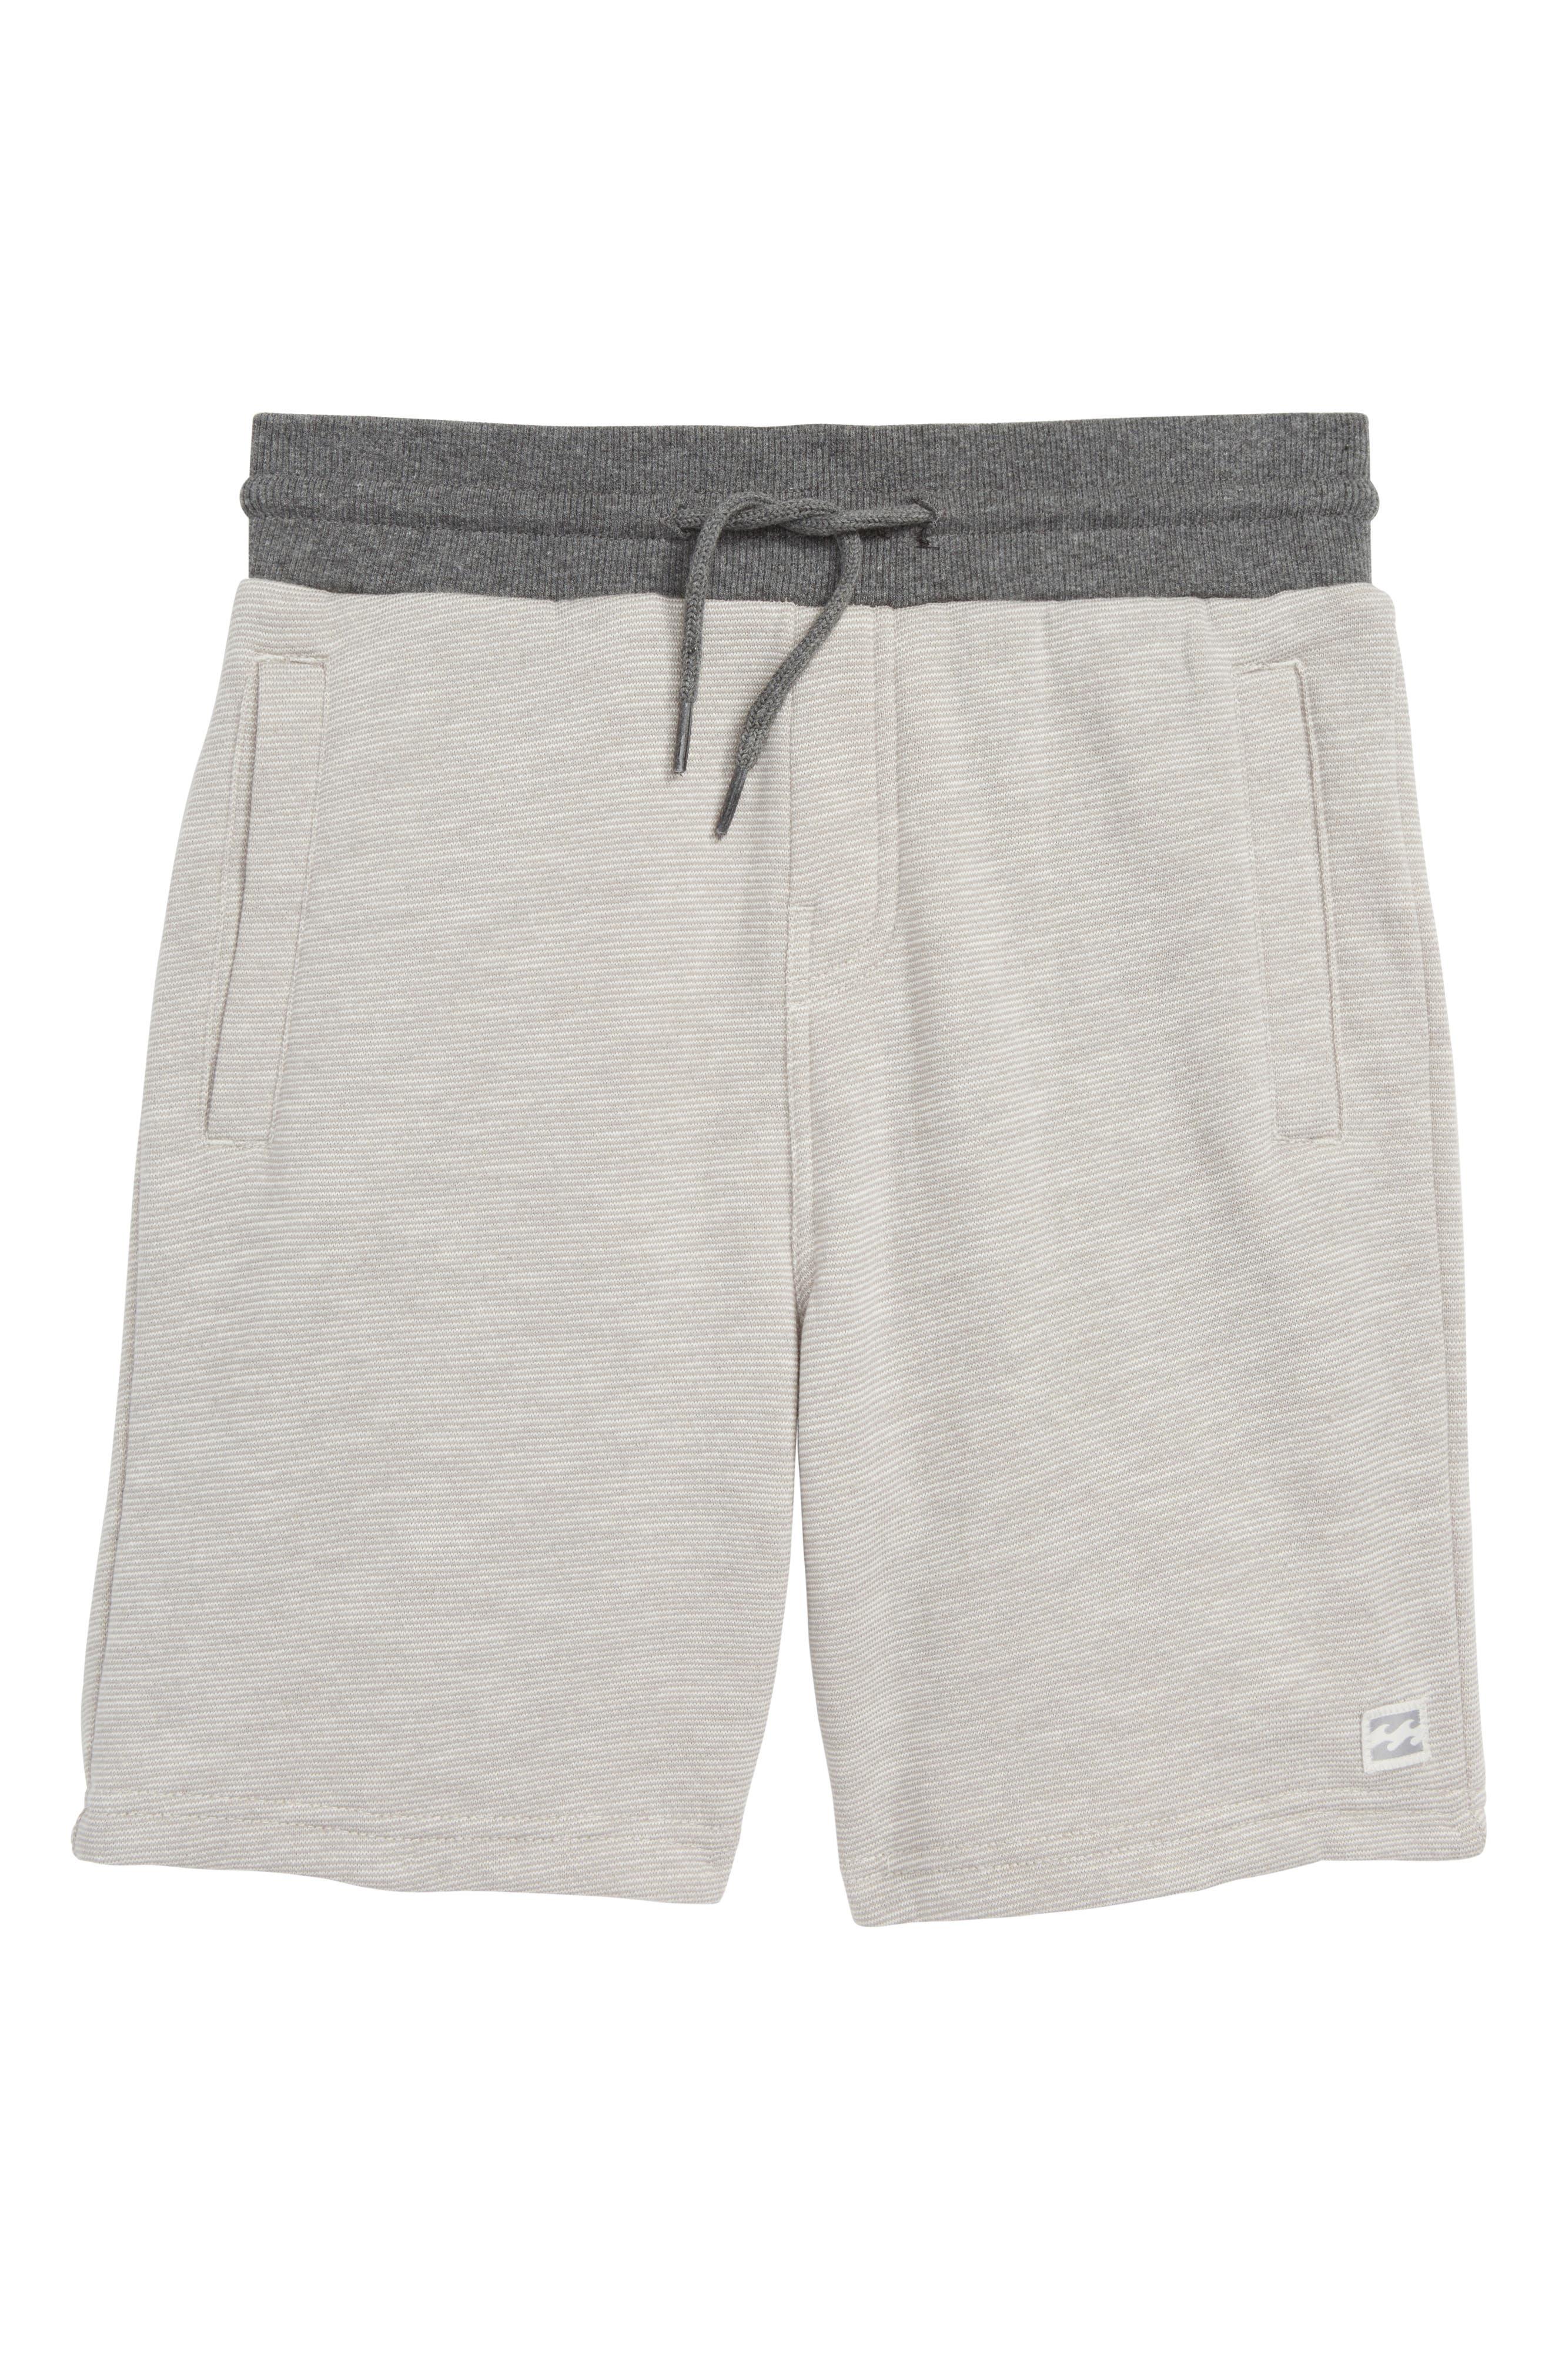 BILLABONG,                             Balance Shorts,                             Main thumbnail 1, color,                             OATMEAL